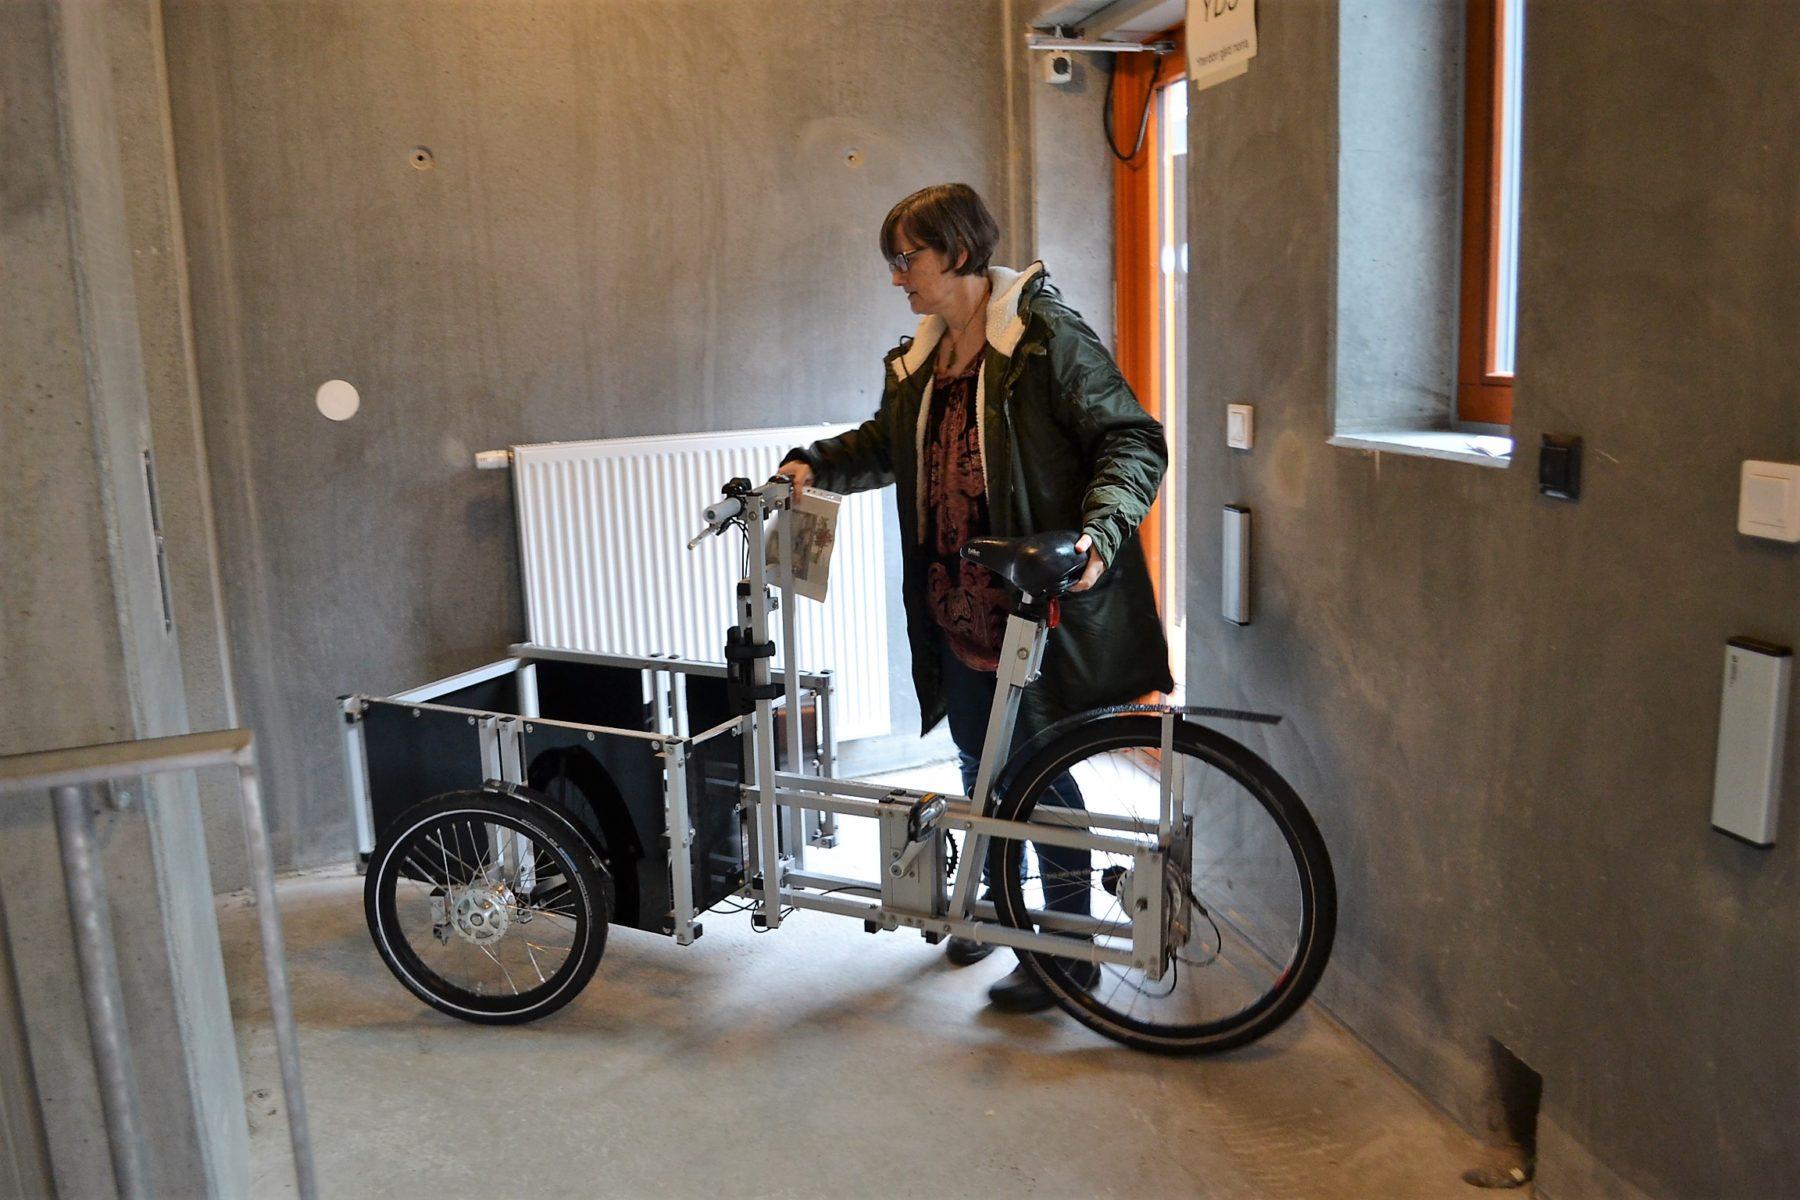 bike-ciclovivo-malmo